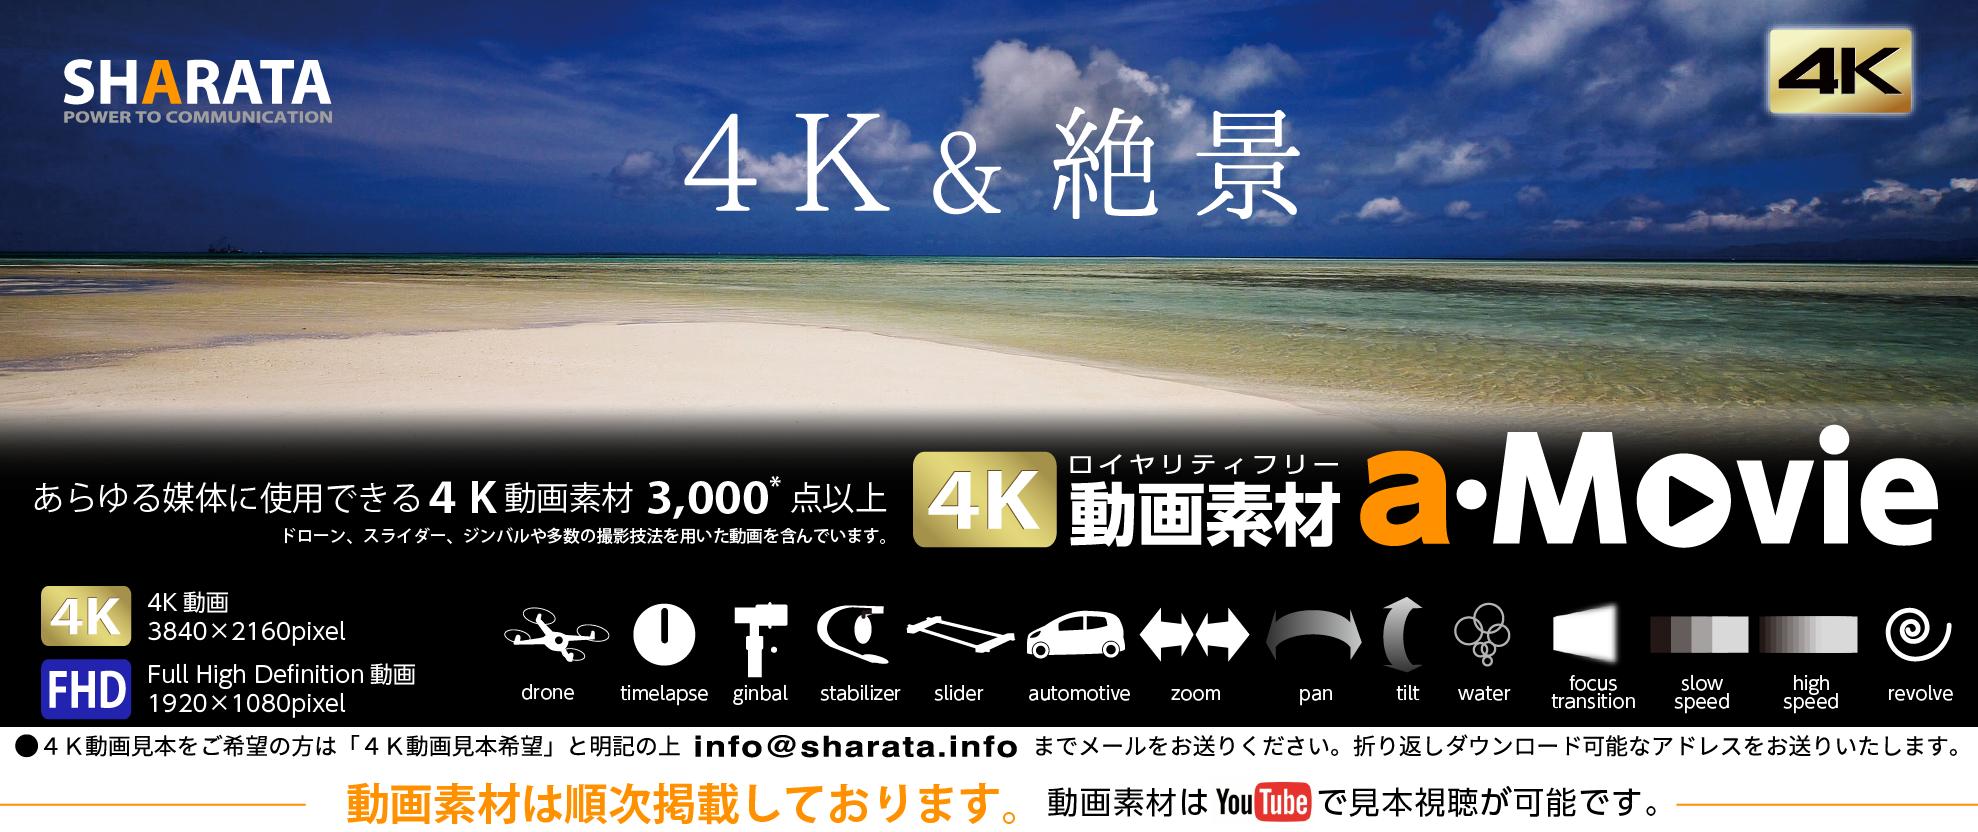 ロイヤリティフリー 4K・FHD動画・映像素材 aMovie SHARATA